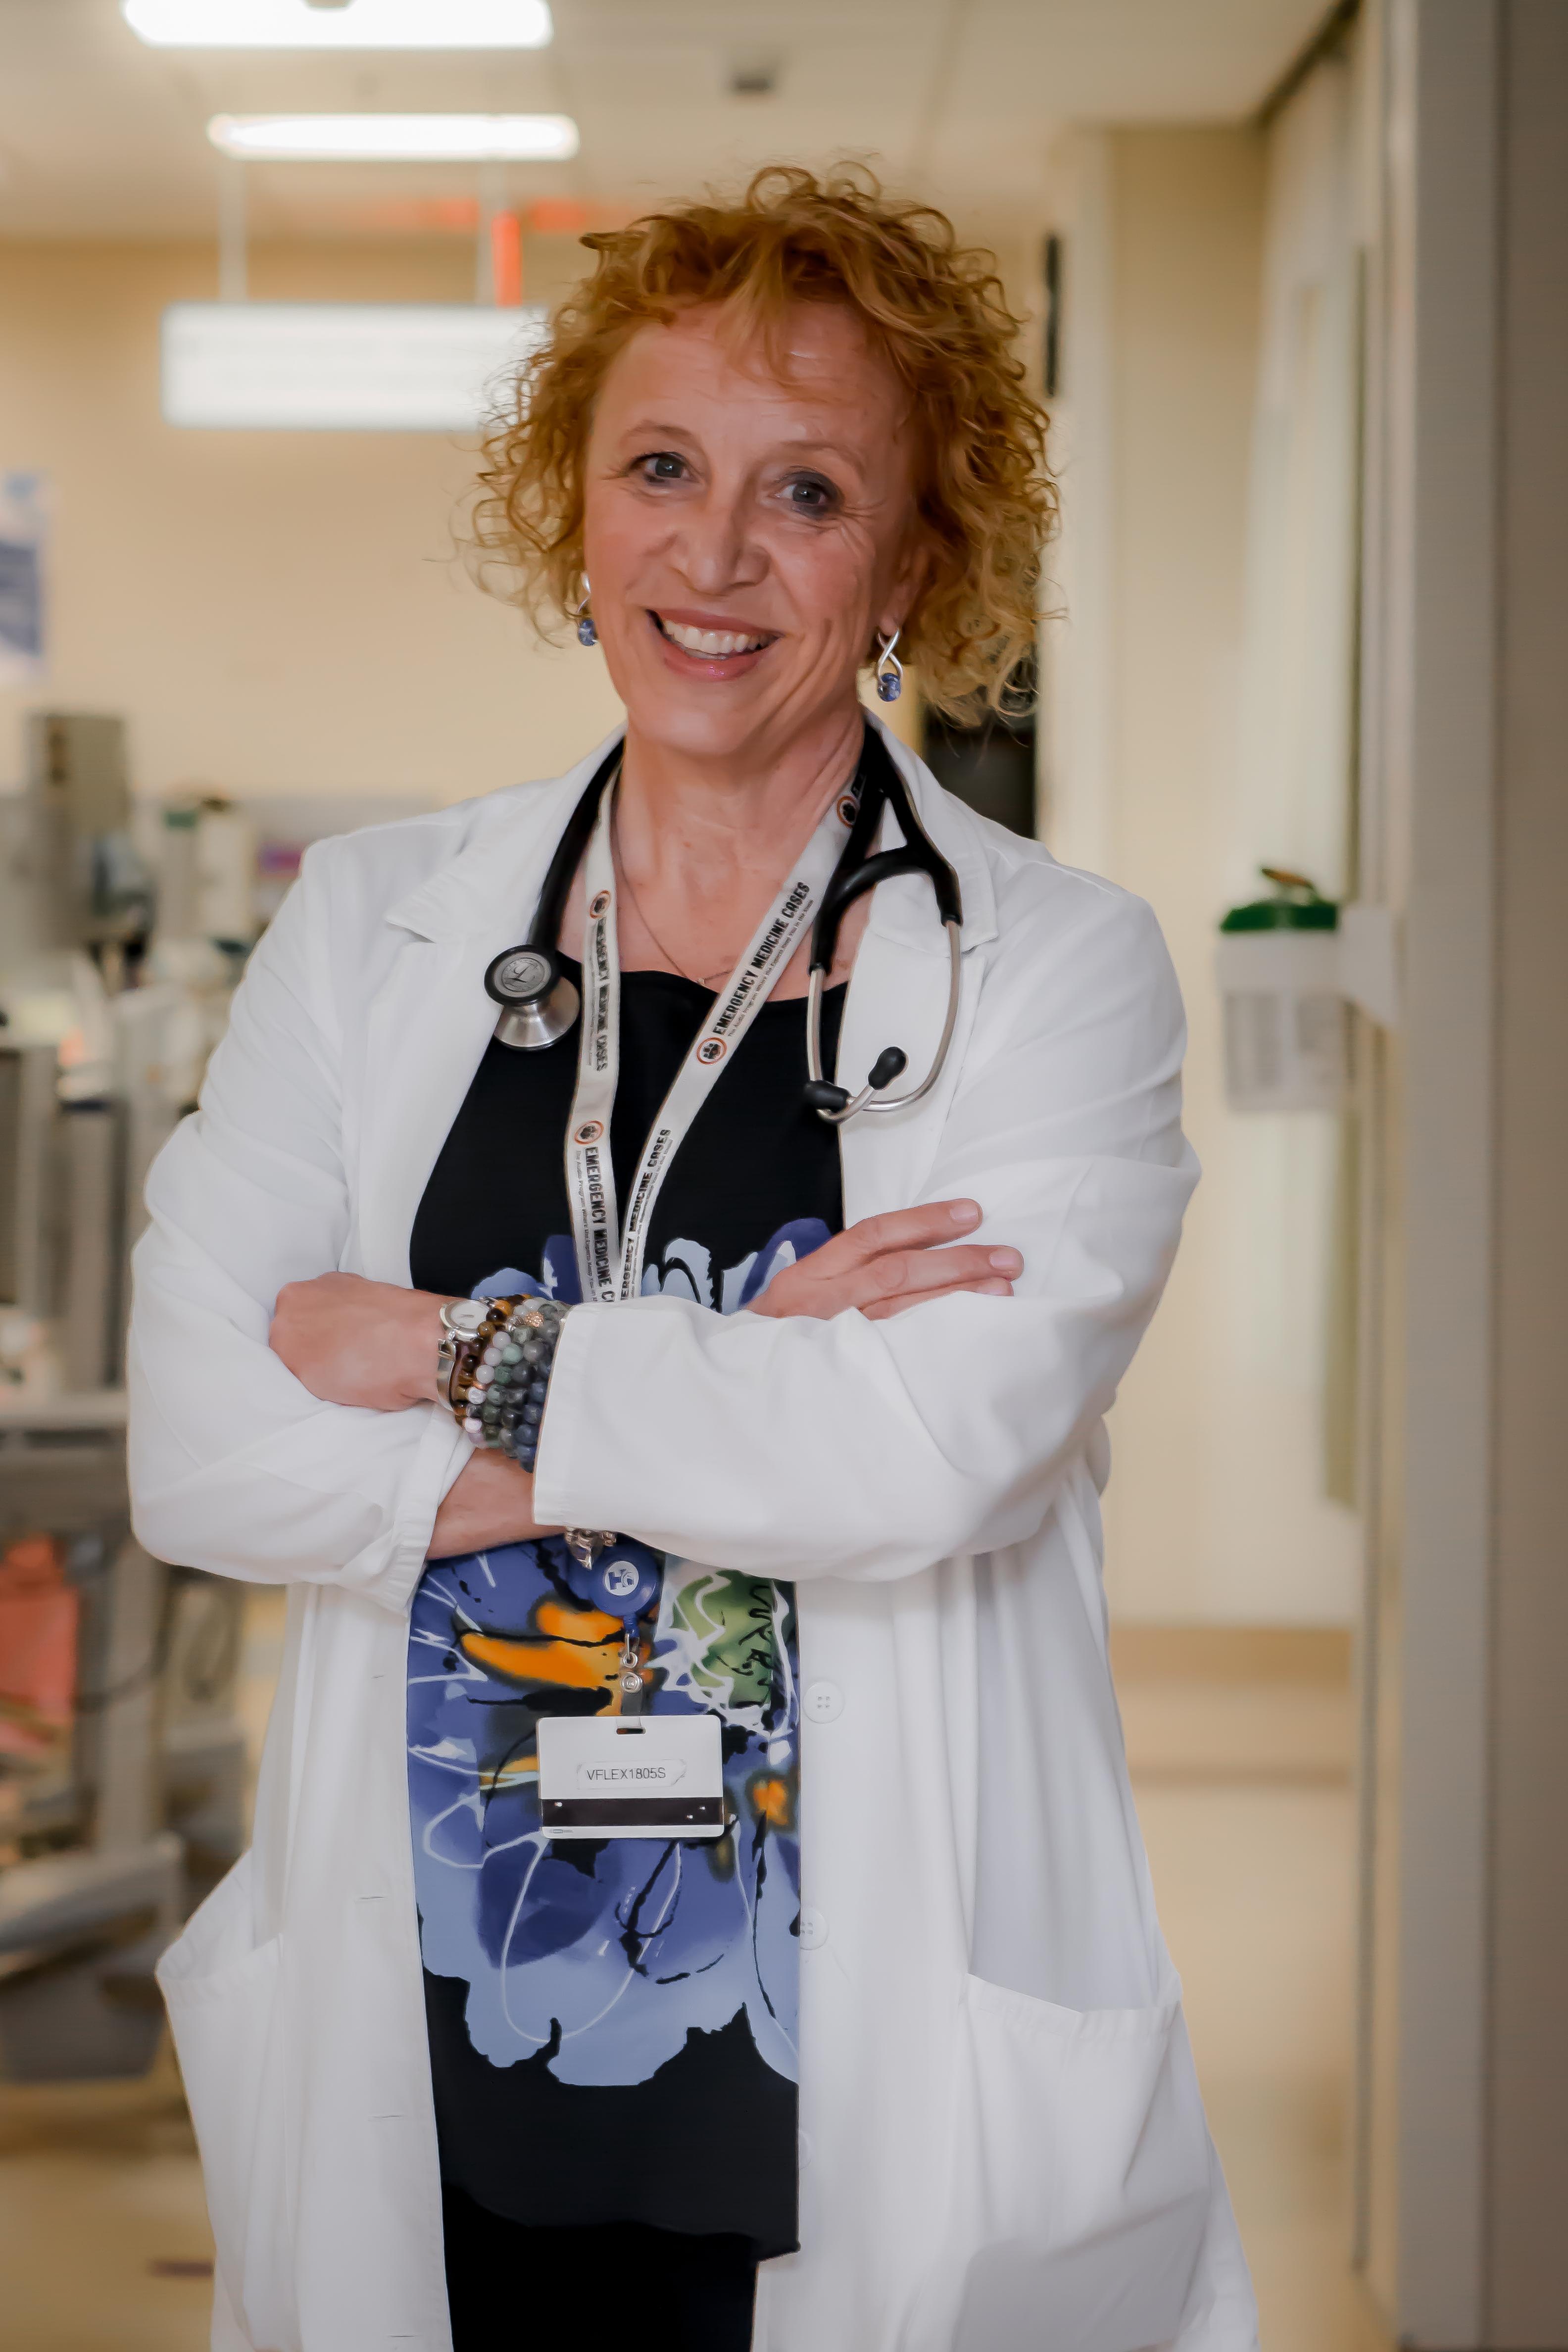 dr.vanhees